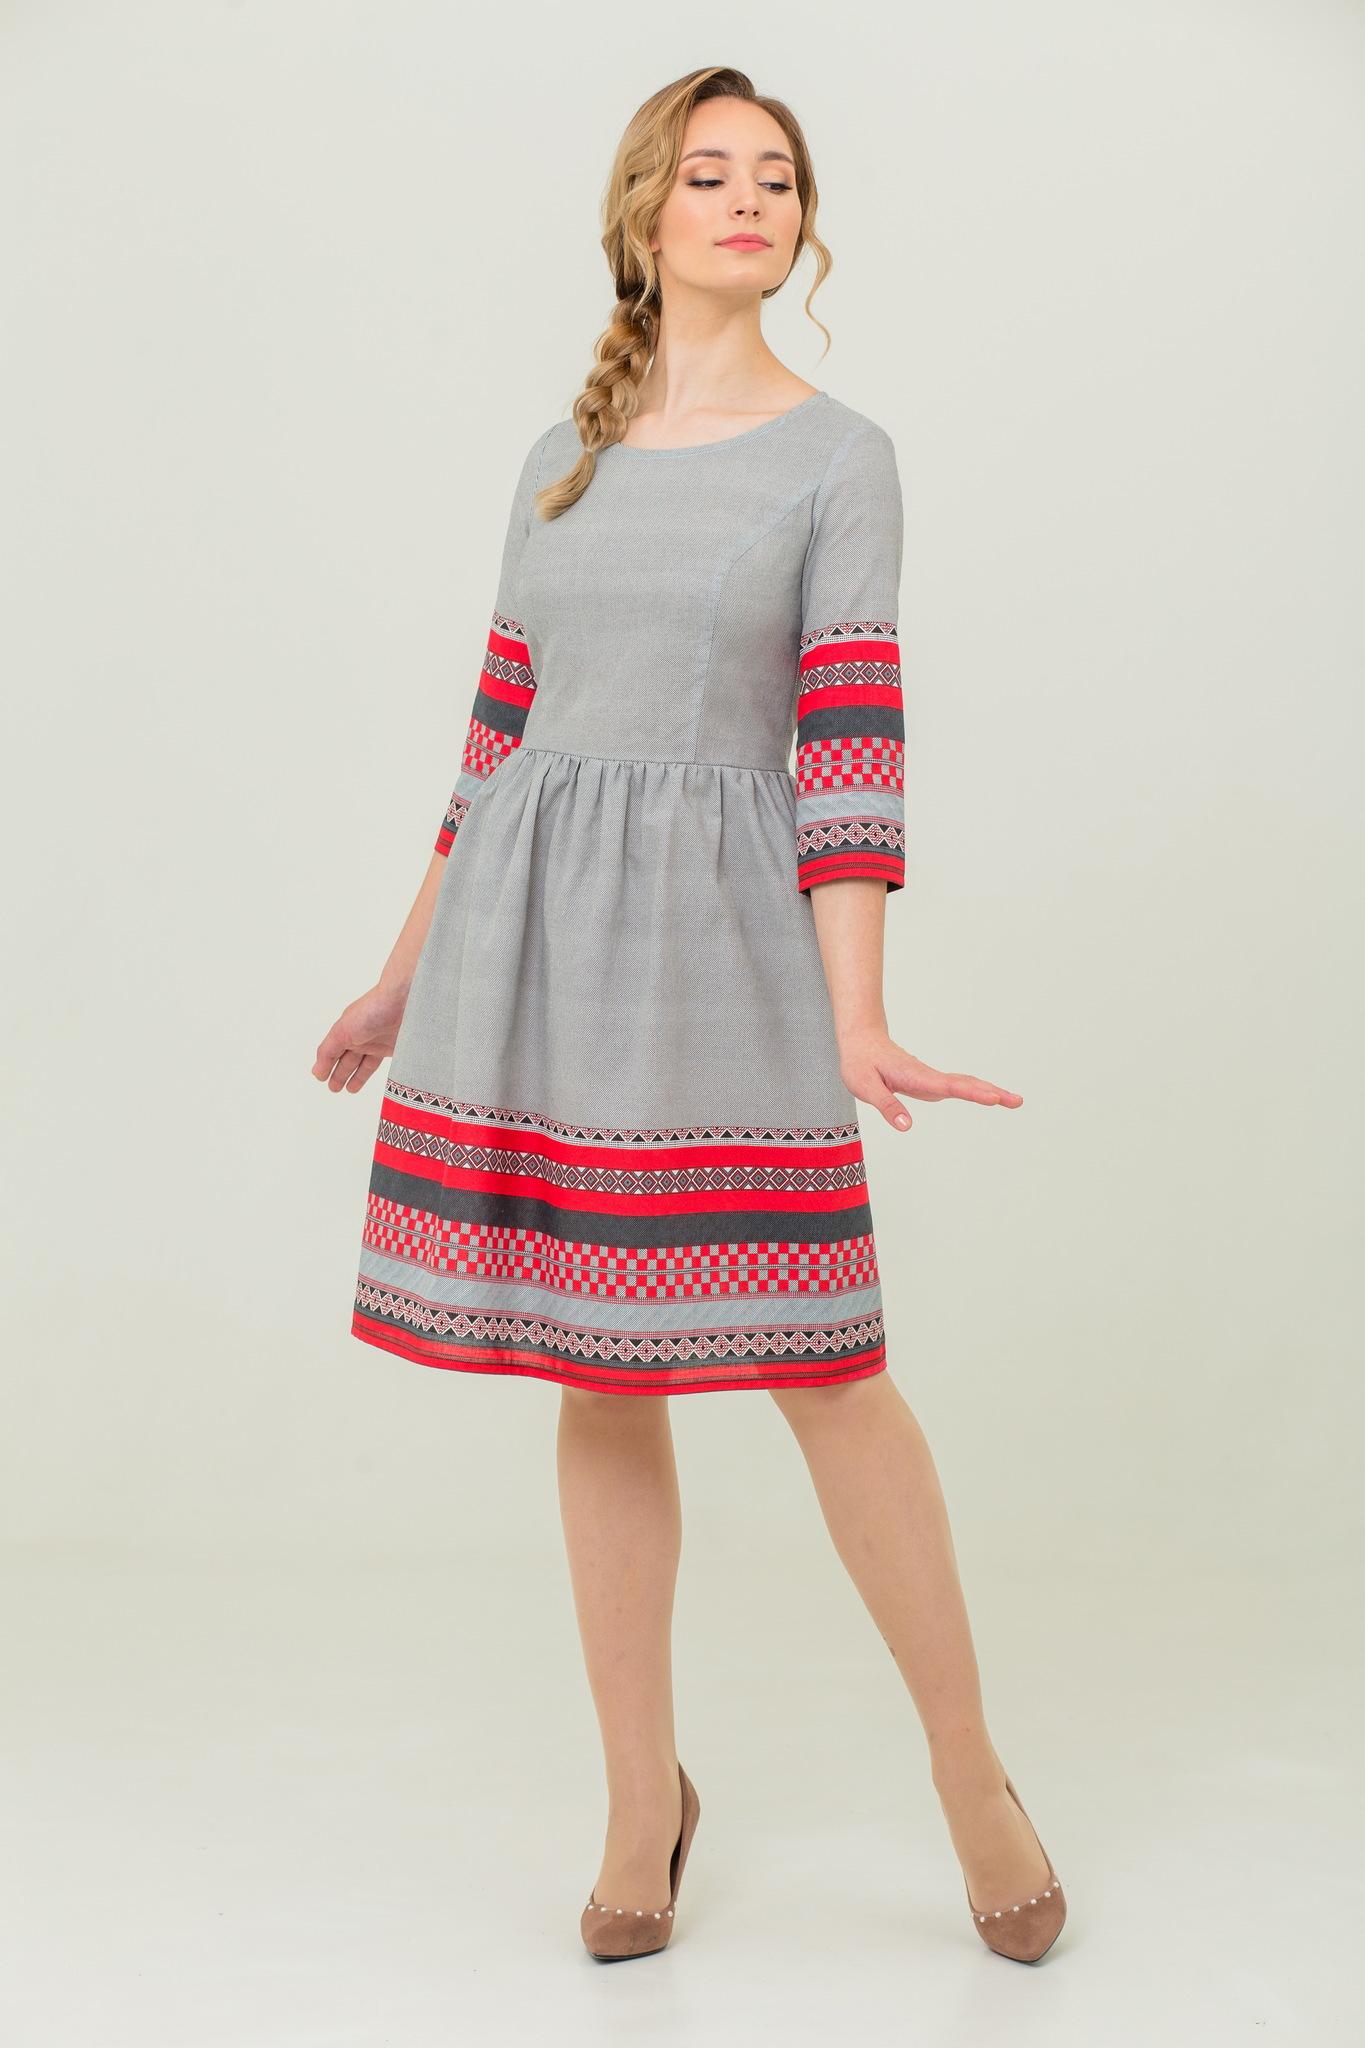 платье из льна и хлопка Шамбала купить